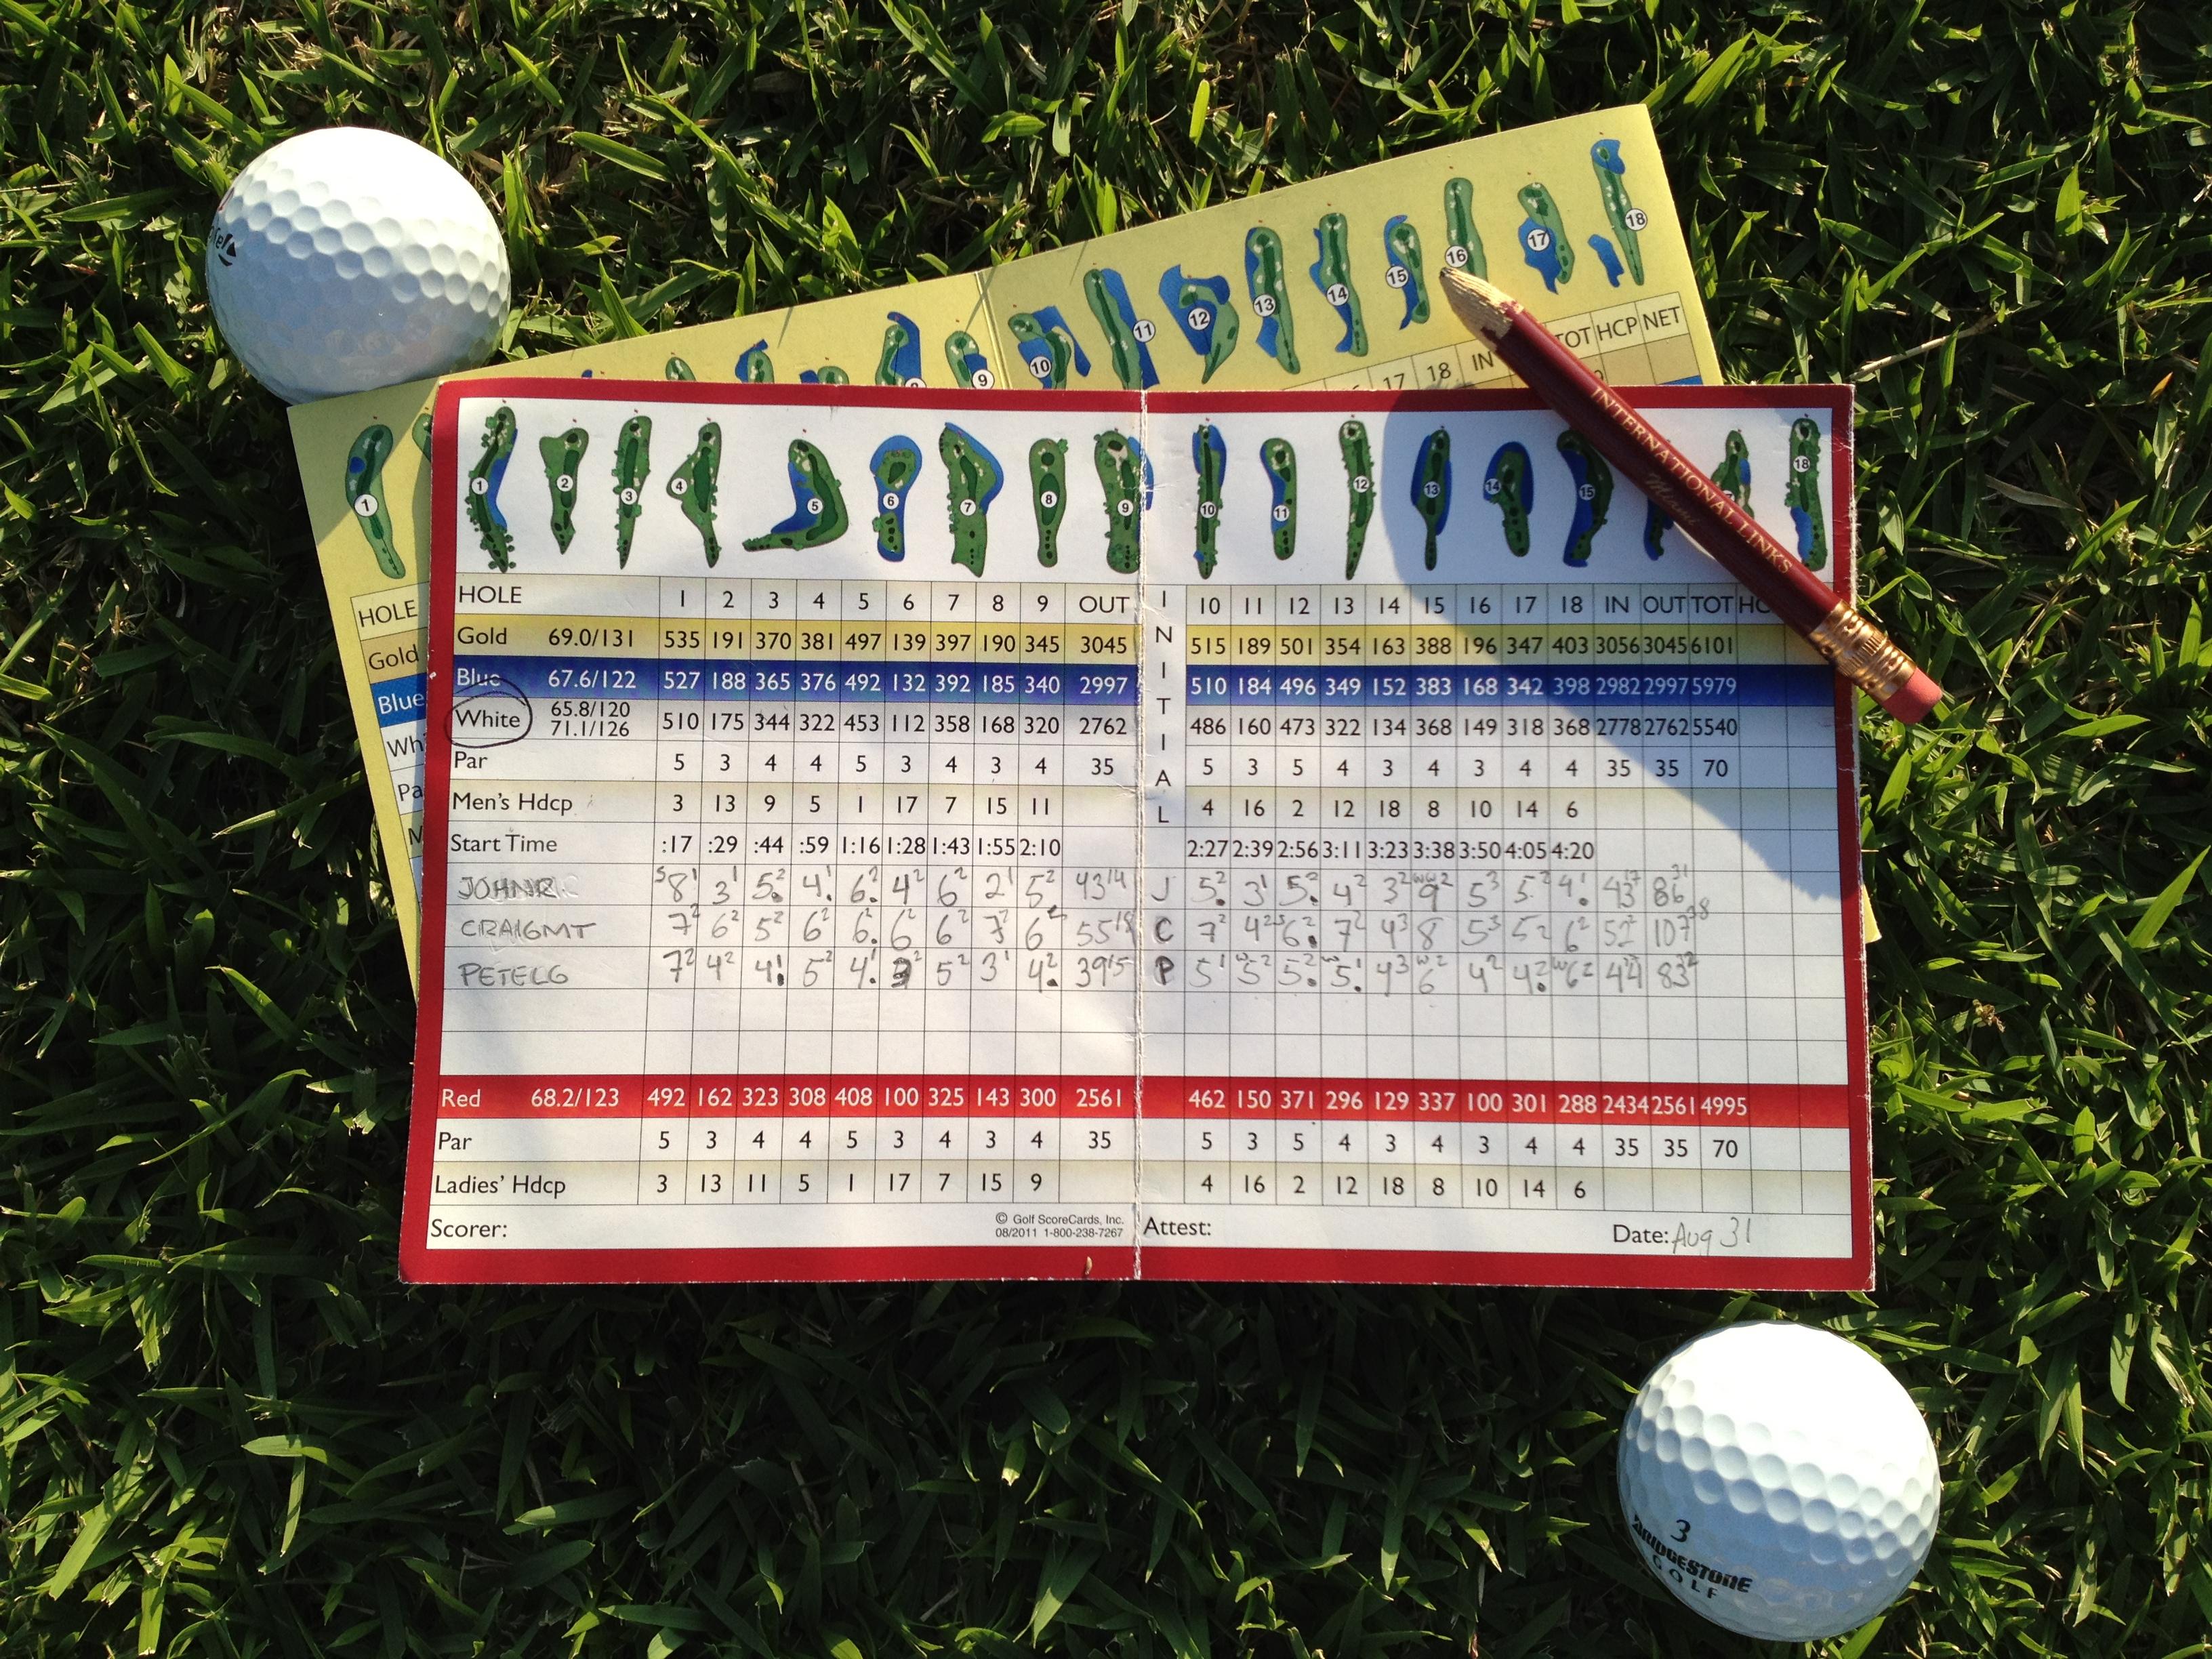 Cách tính điểm trong 1 trận đấu trong golf